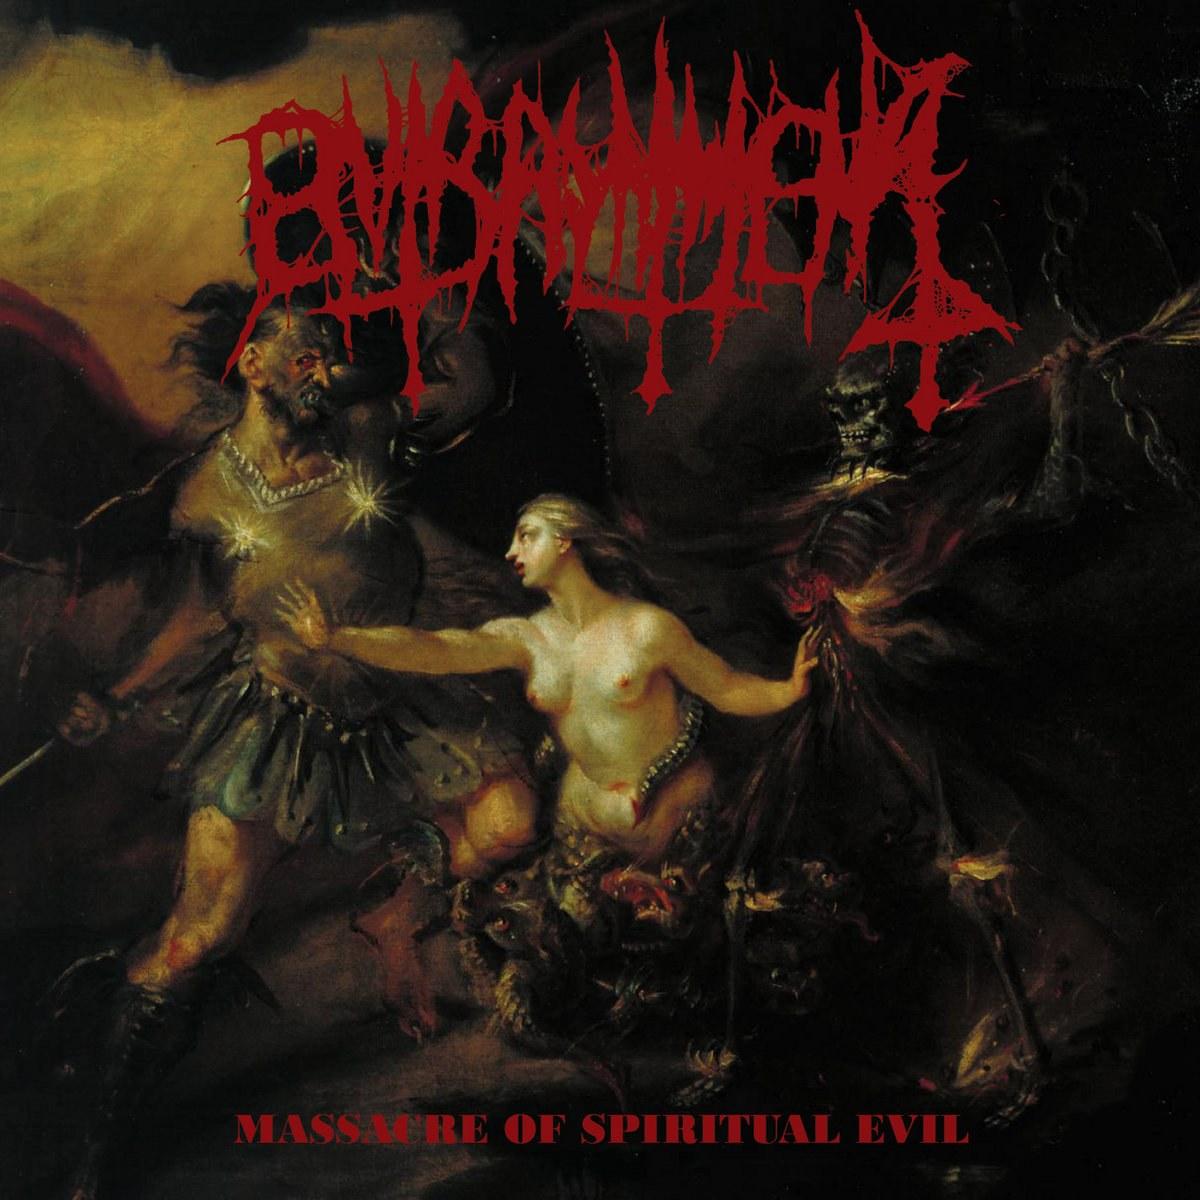 Reviews for Entrantment - Massacre of Spiritual Evil